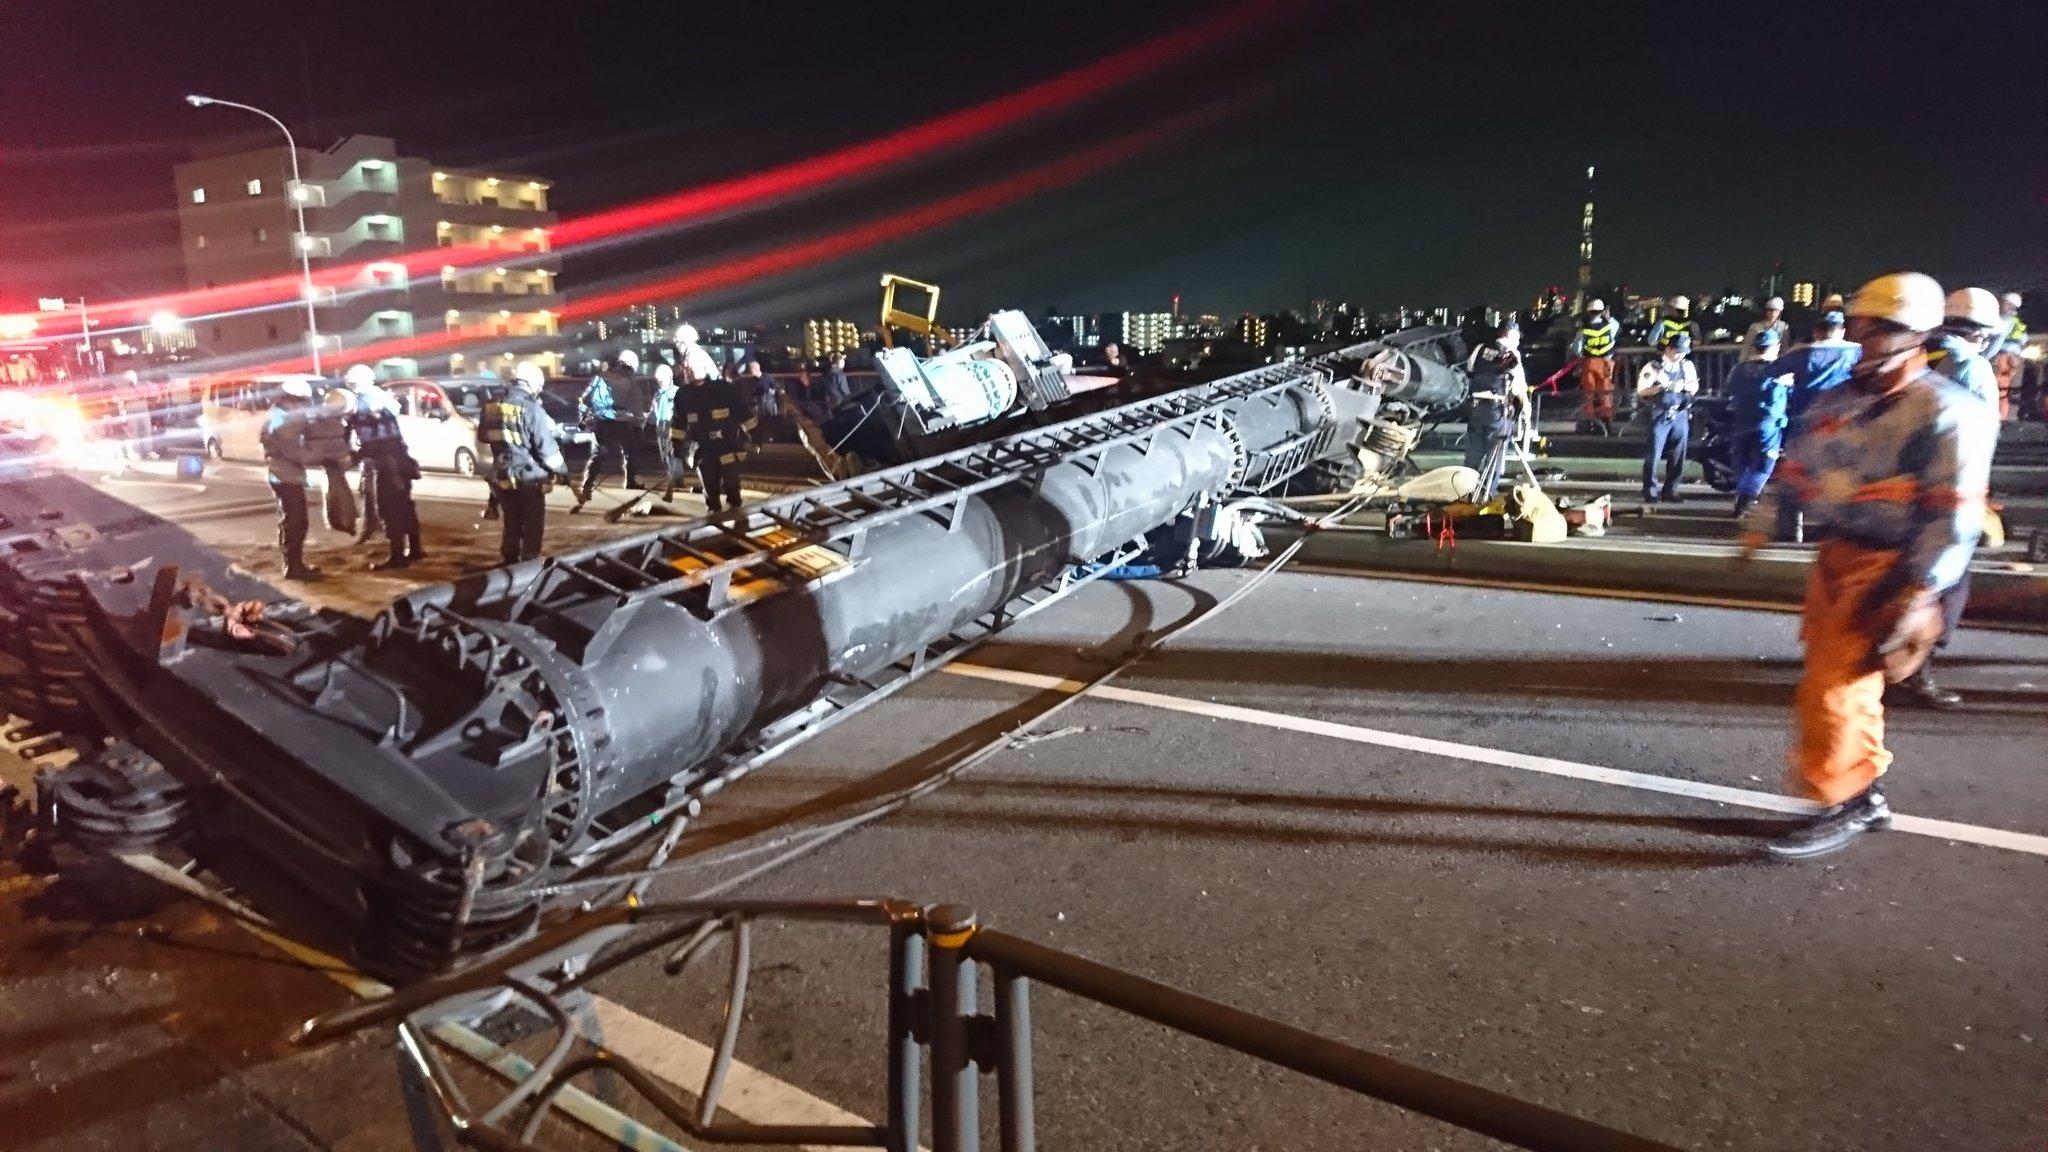 青砥橋でクレーンが倒れ車やバイクが巻き込まれた事故現場の画像